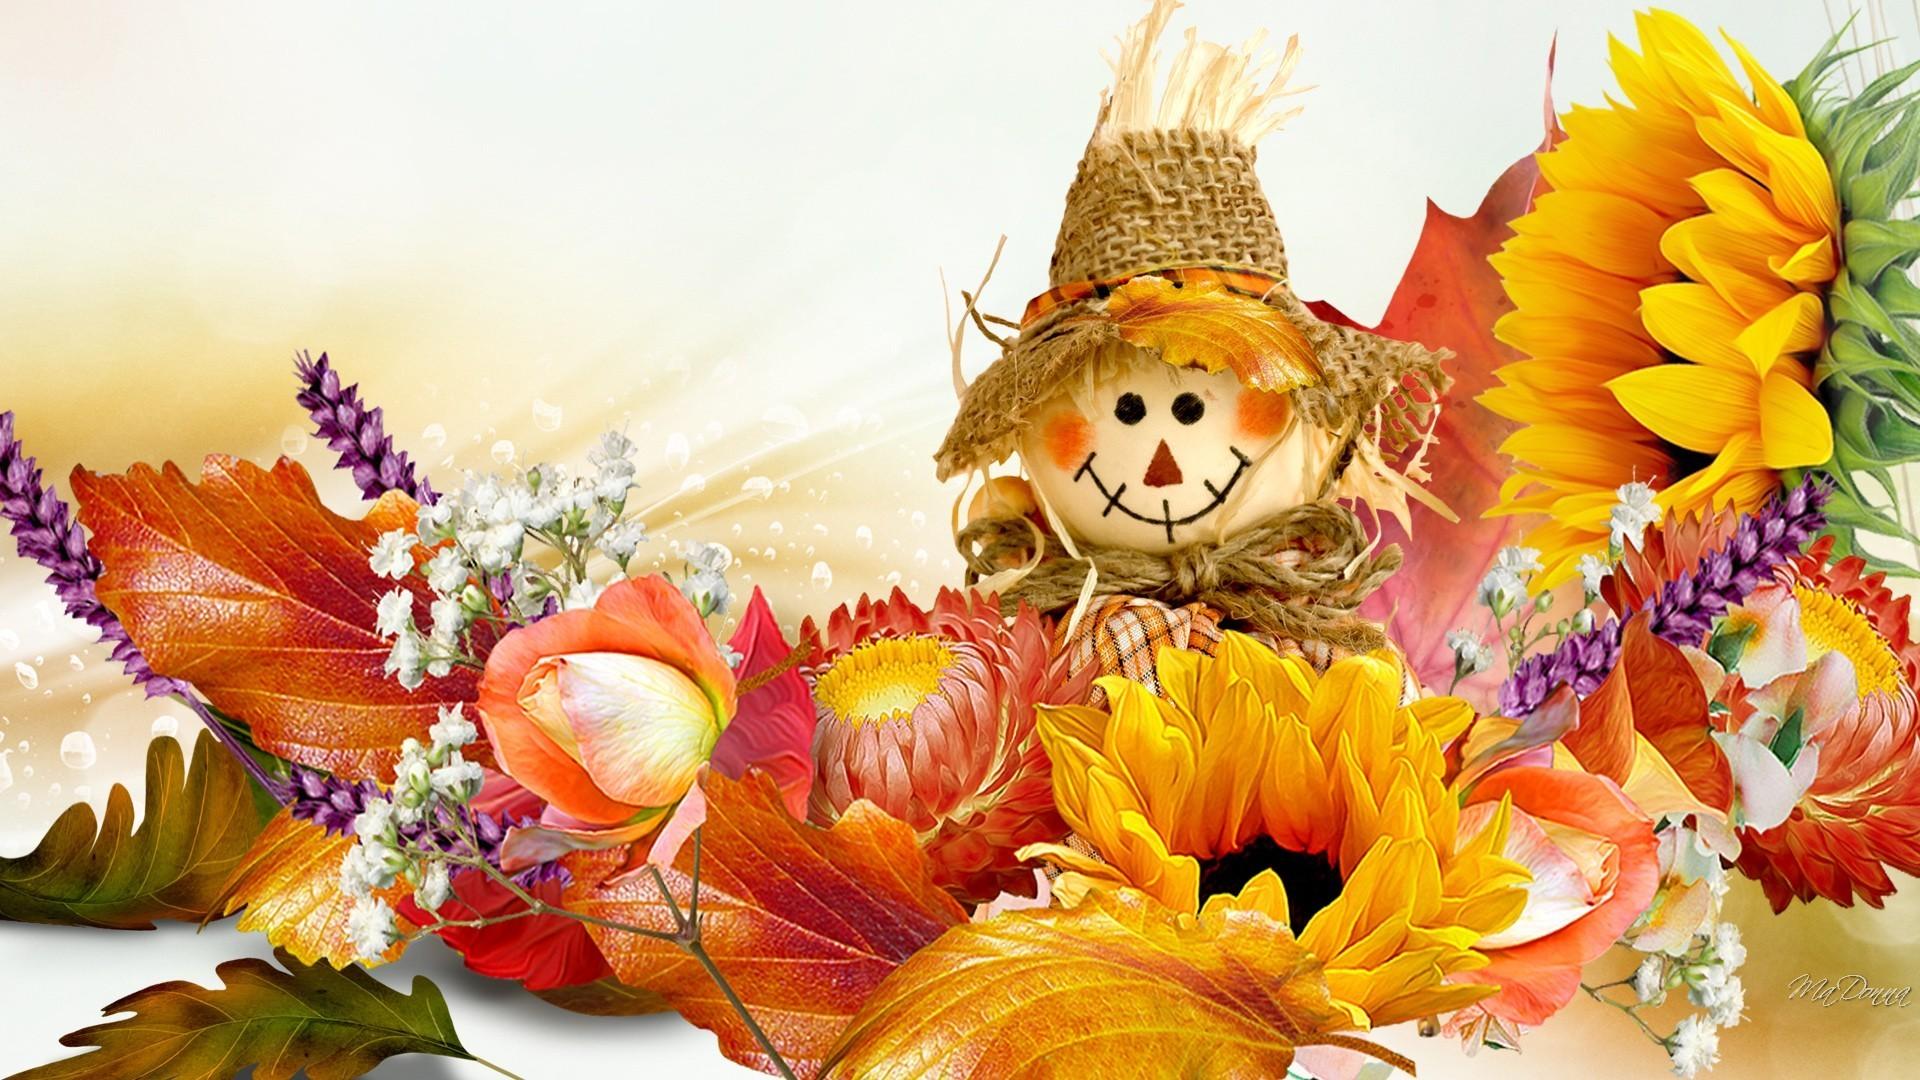 pumpkin and fall flower wallpaper (45+ images)